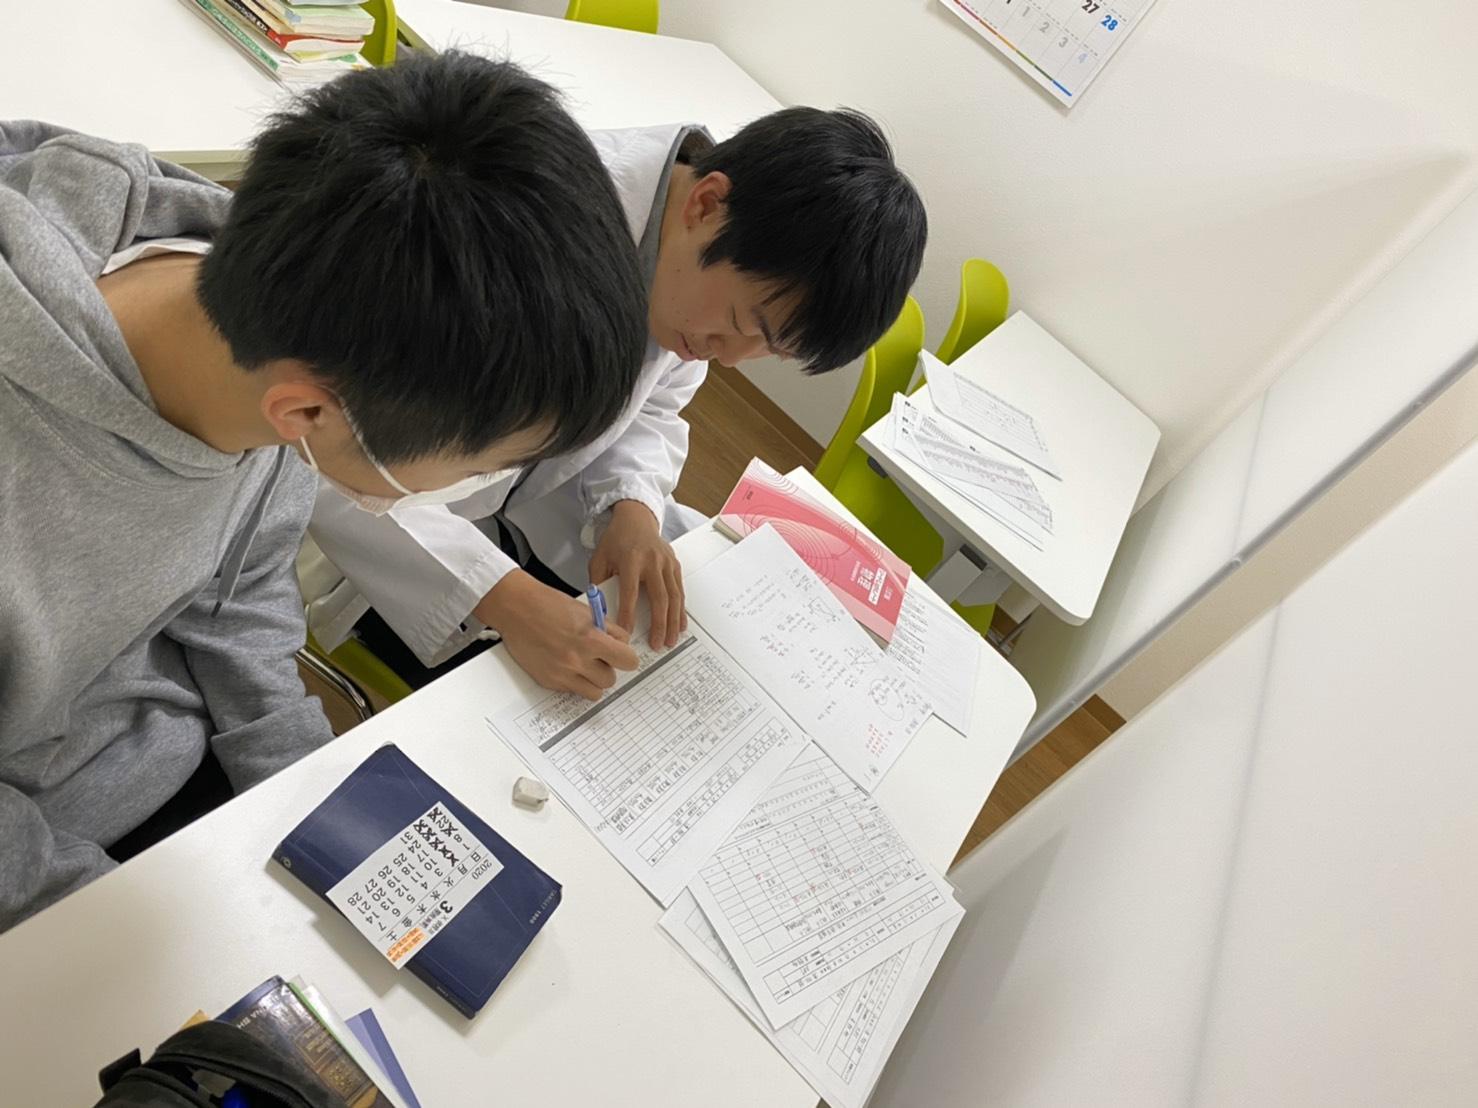 金沢 富山 塾選びのポイント 模試で結果がでなくて悩んでいる受験生必見!徹底個別の栄光義塾